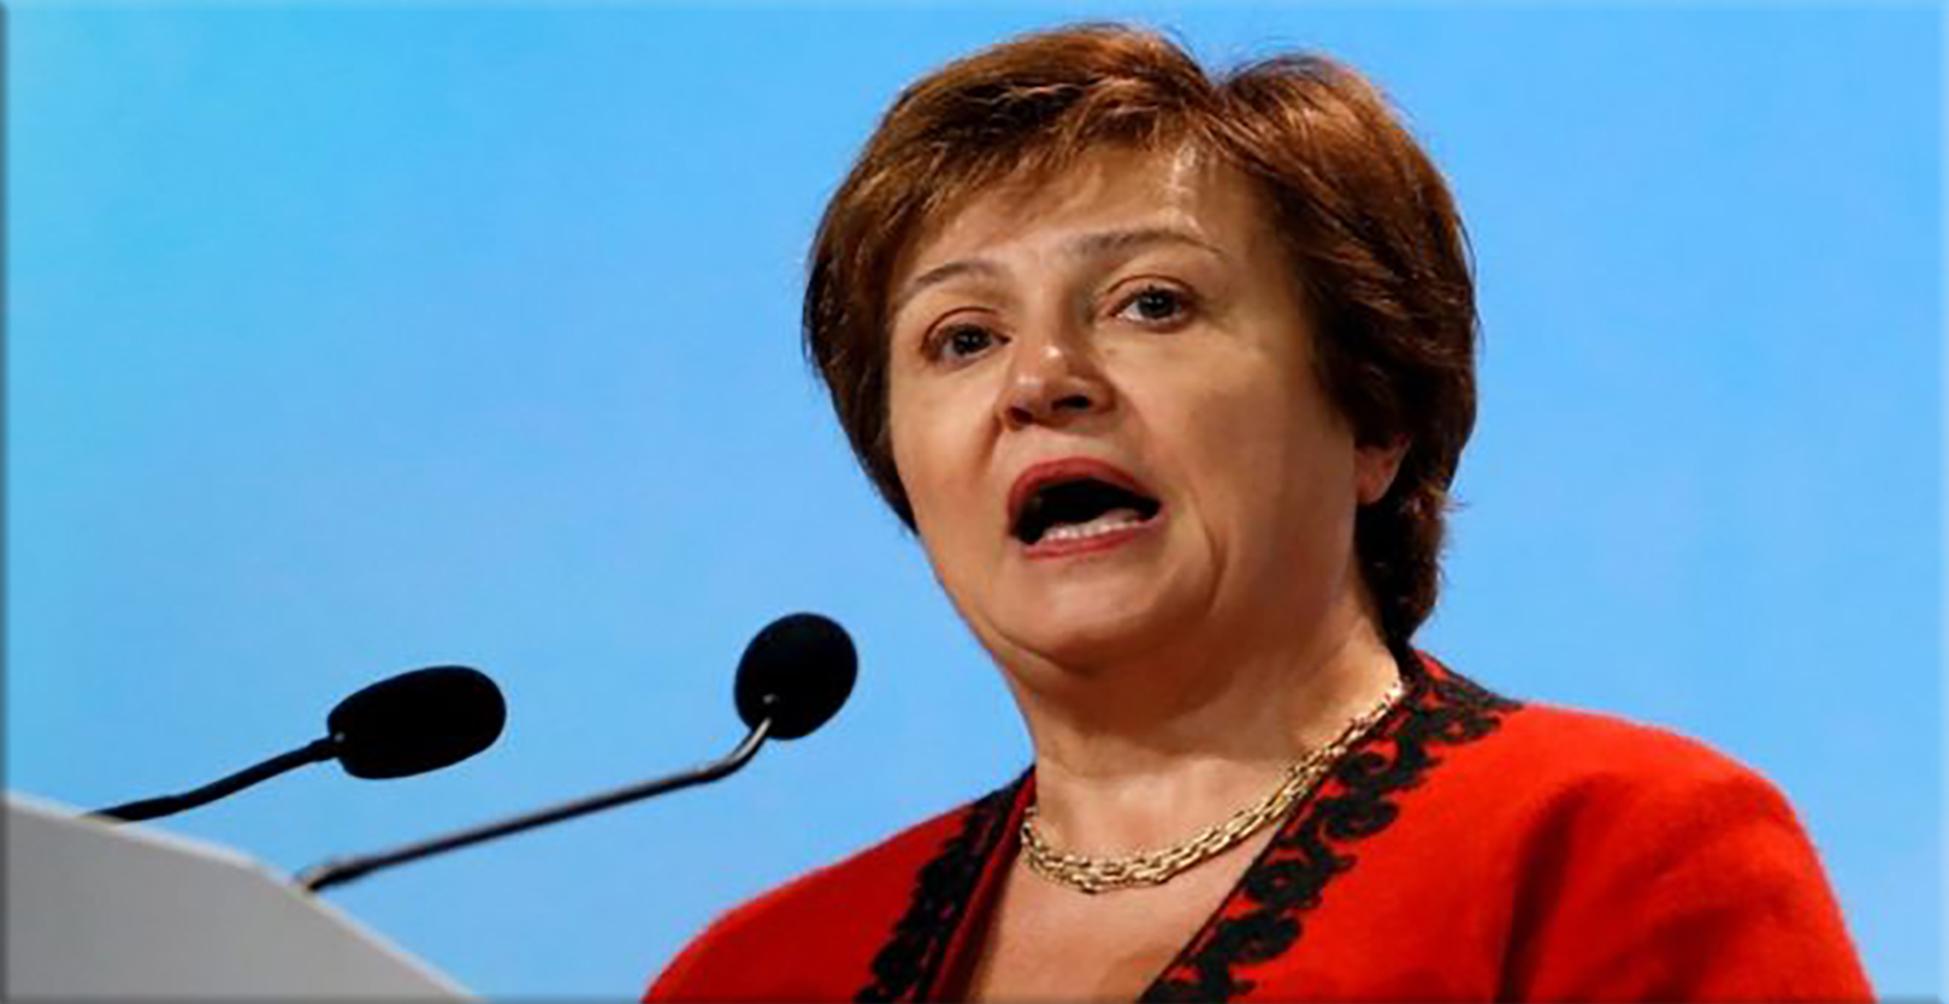 الاتحاد الأوروبي يختار البلغارية كريستالينا جورجيفا لشغل منصب مدير صندوق النقد الدولي